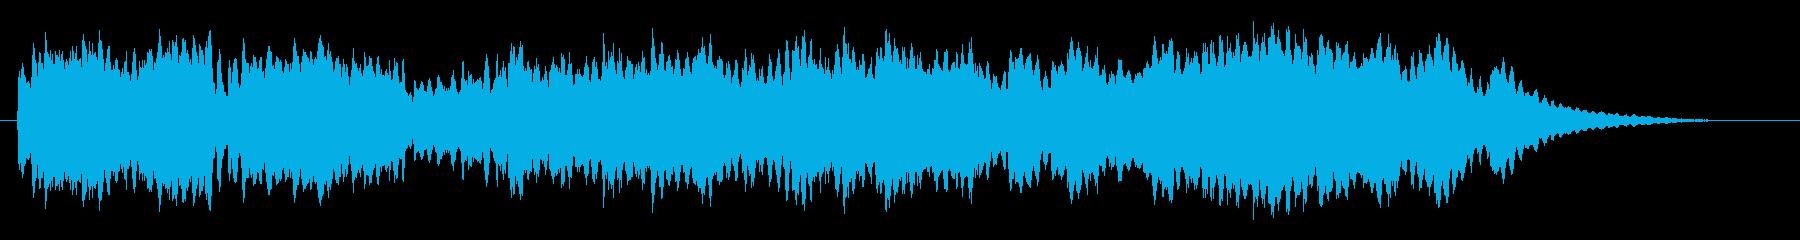 ビブラフォン独奏です。24bit,48…の再生済みの波形